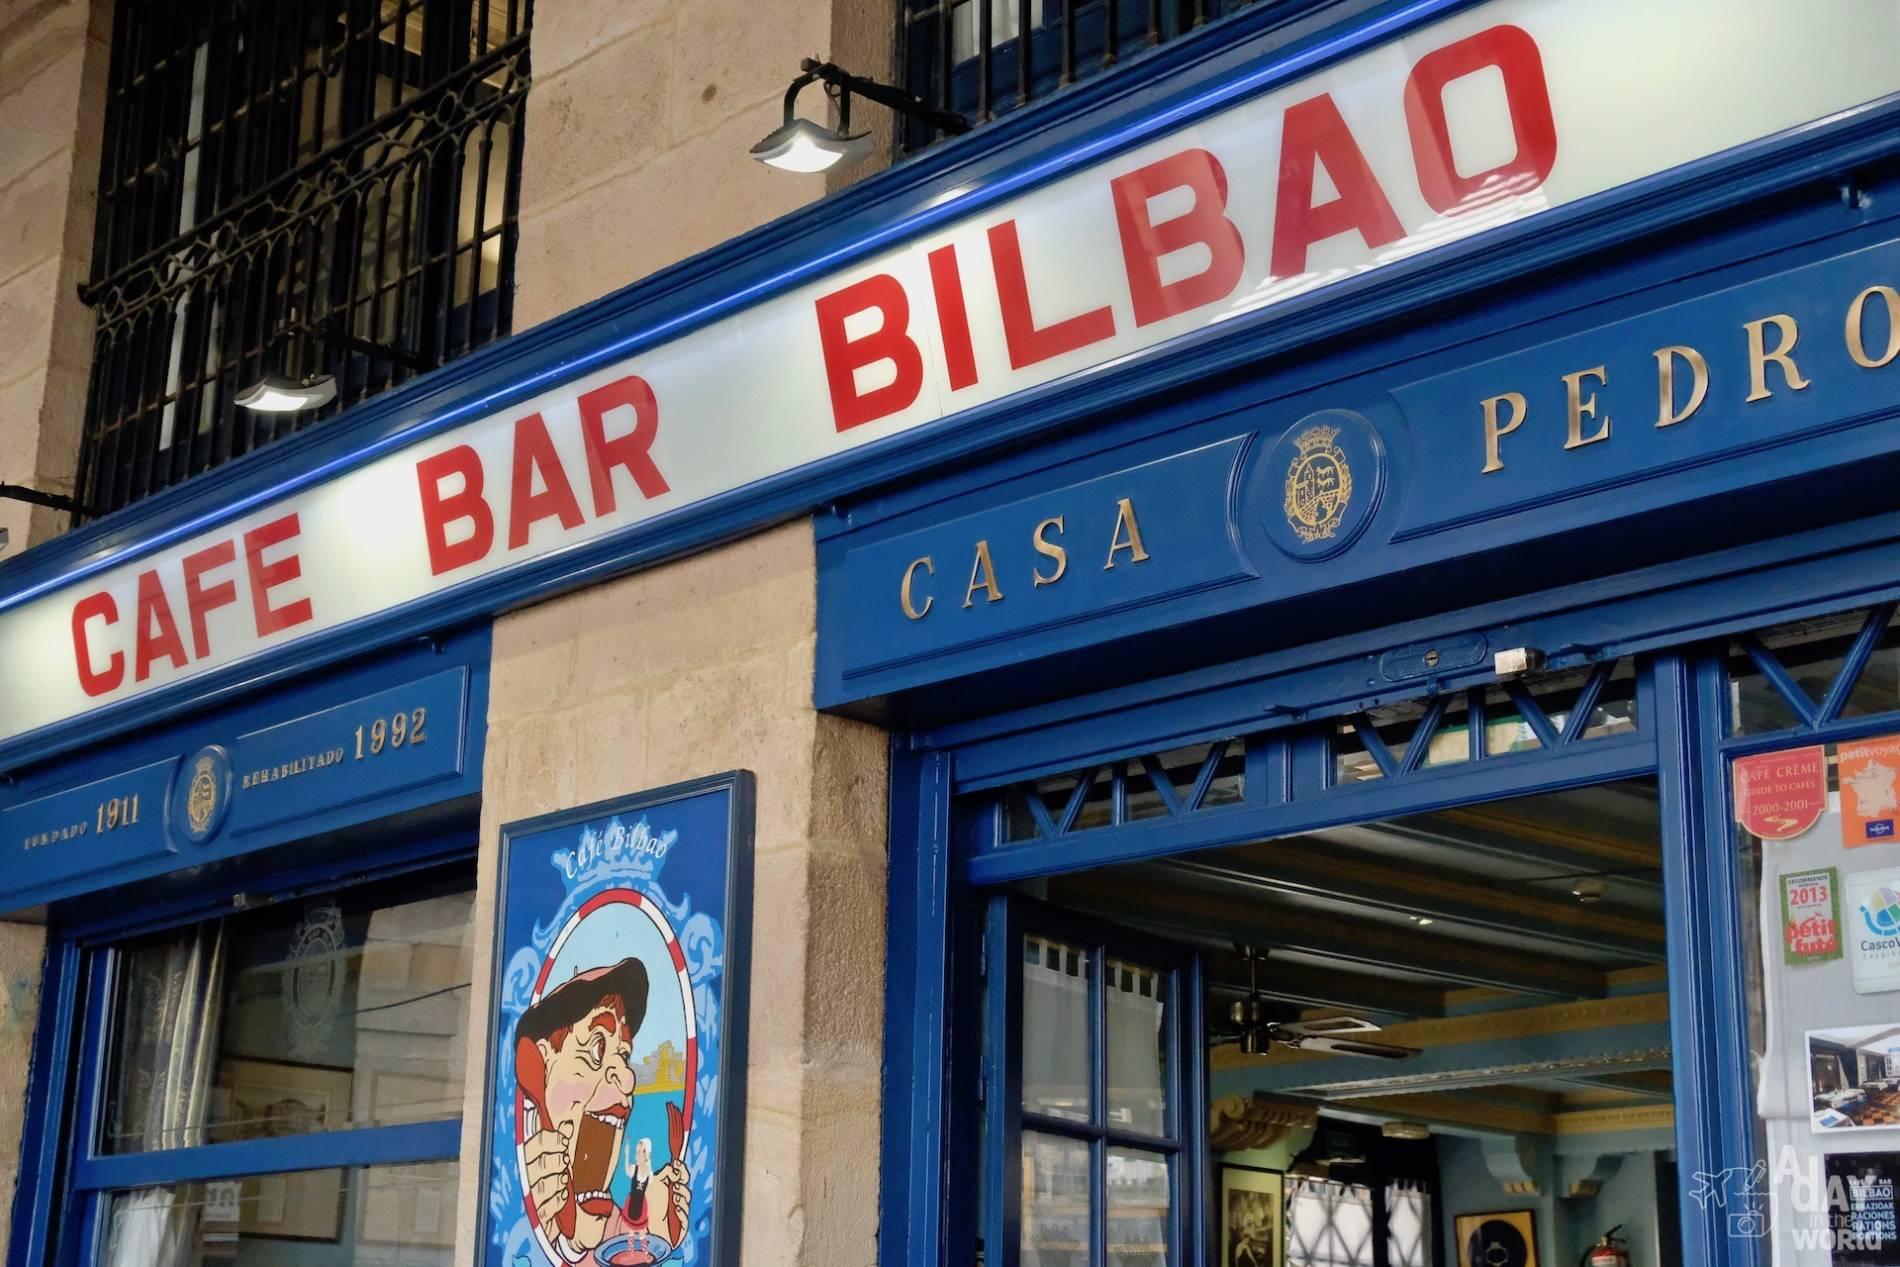 cafe bilbao plaza nueva